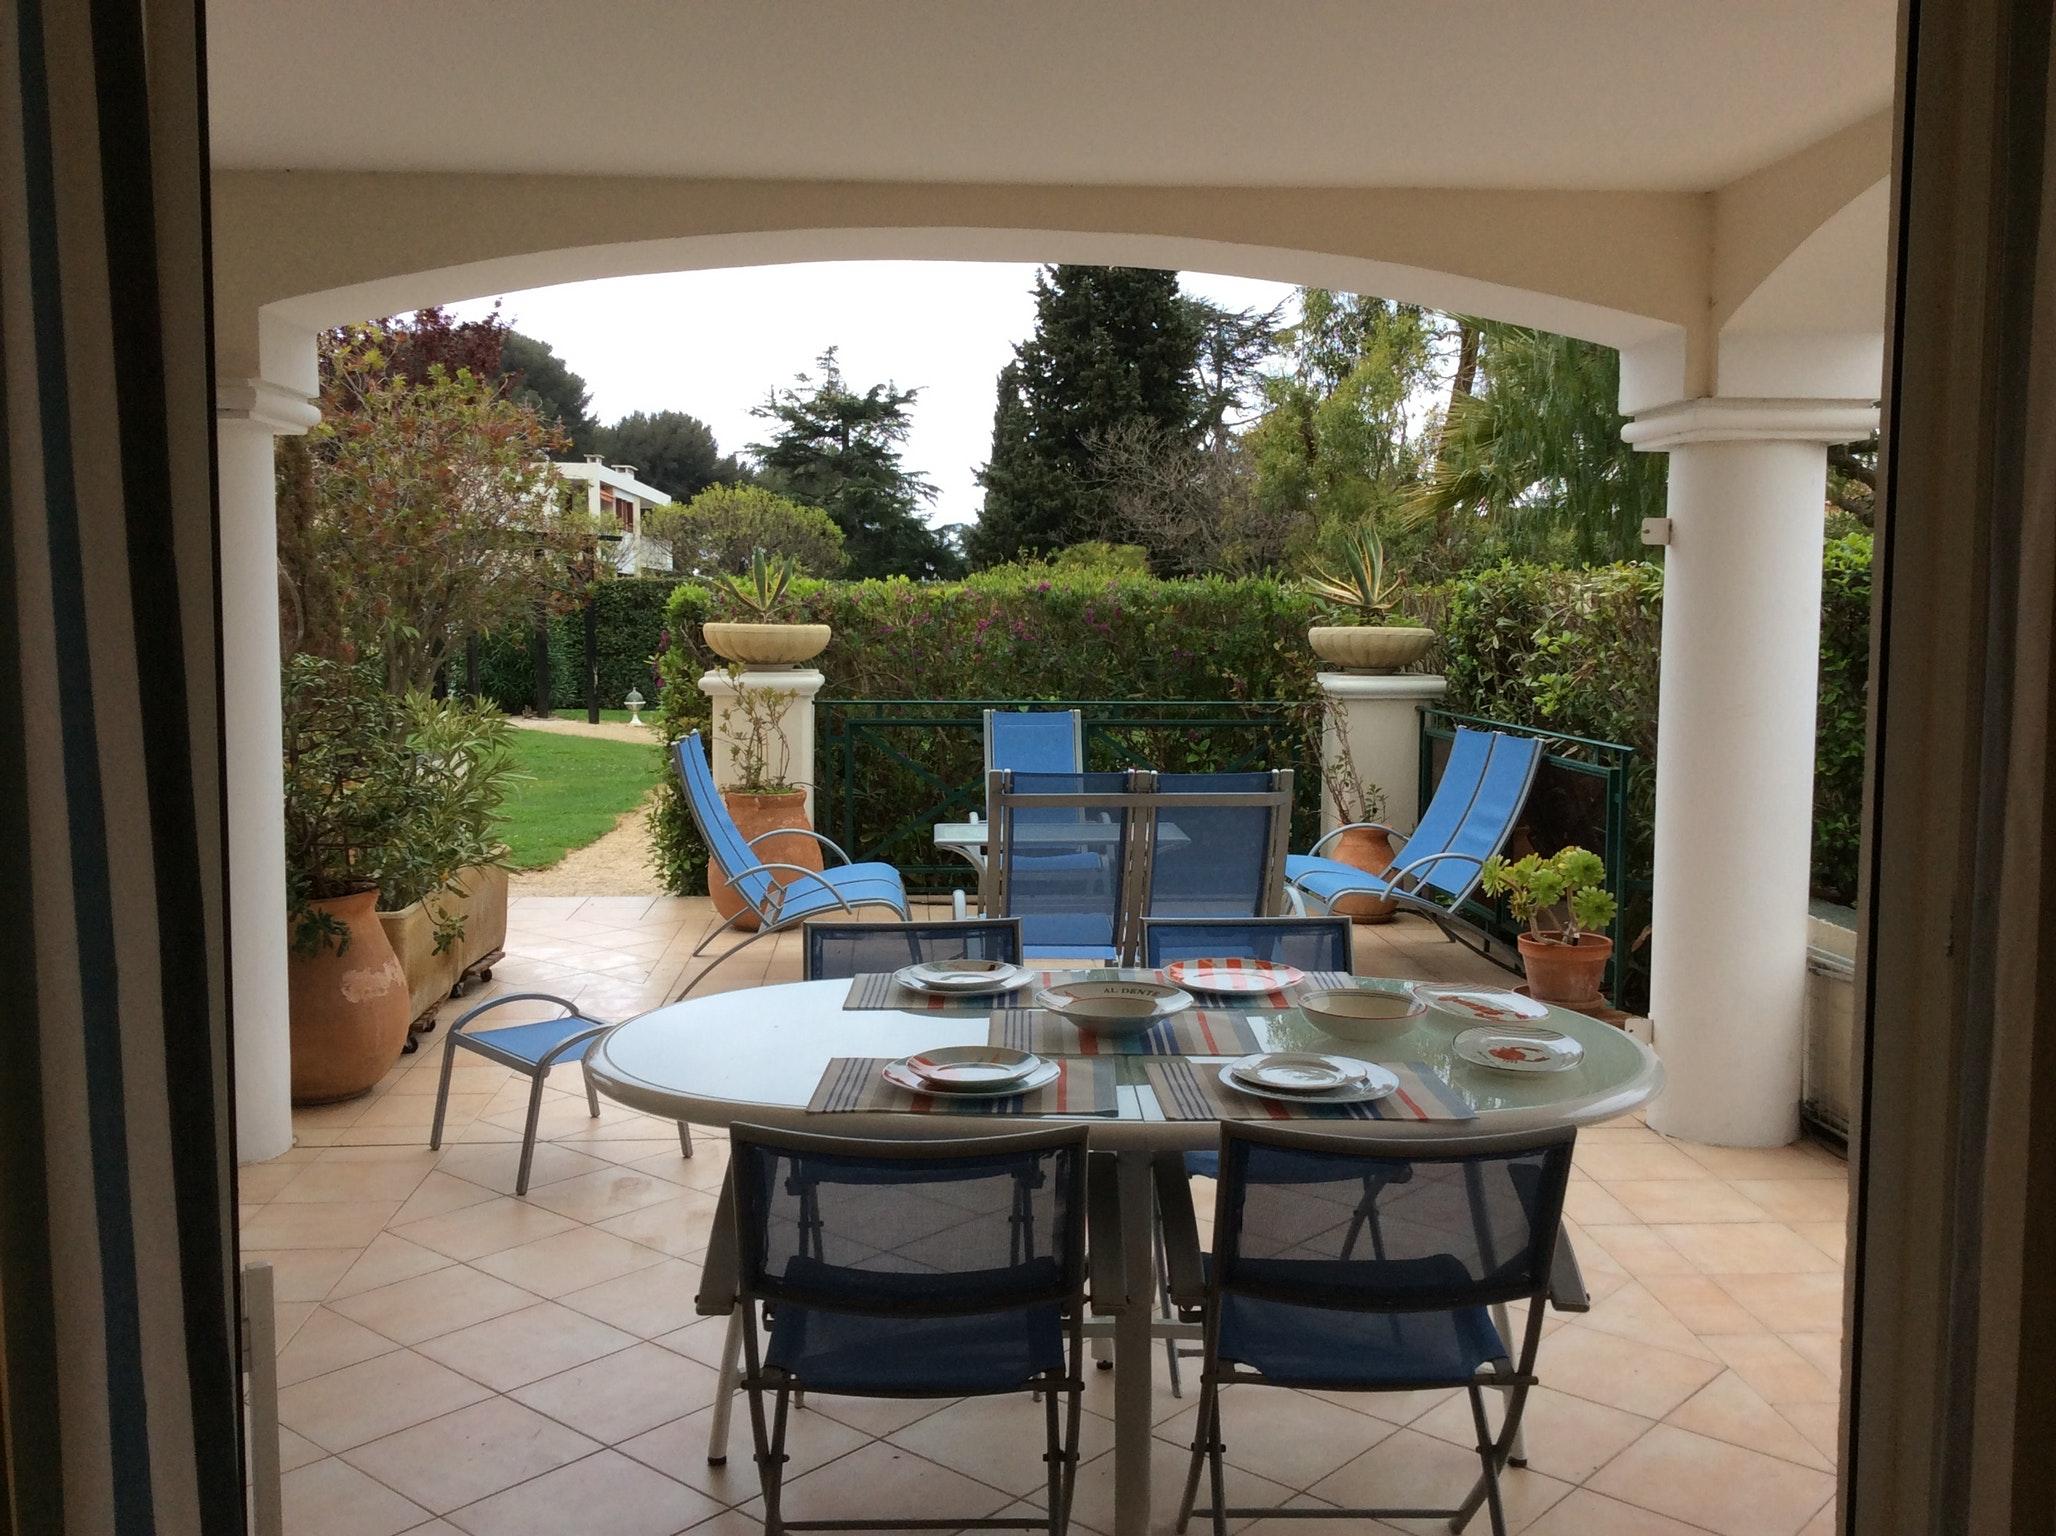 Appartement de vacances Wohnung mit einem Schlafzimmer in Carqueiranne mit Pool, eingezäuntem Garten und W-LAN - 7 (2231381), Carqueiranne, Côte d'Azur, Provence - Alpes - Côte d'Azur, France, image 6